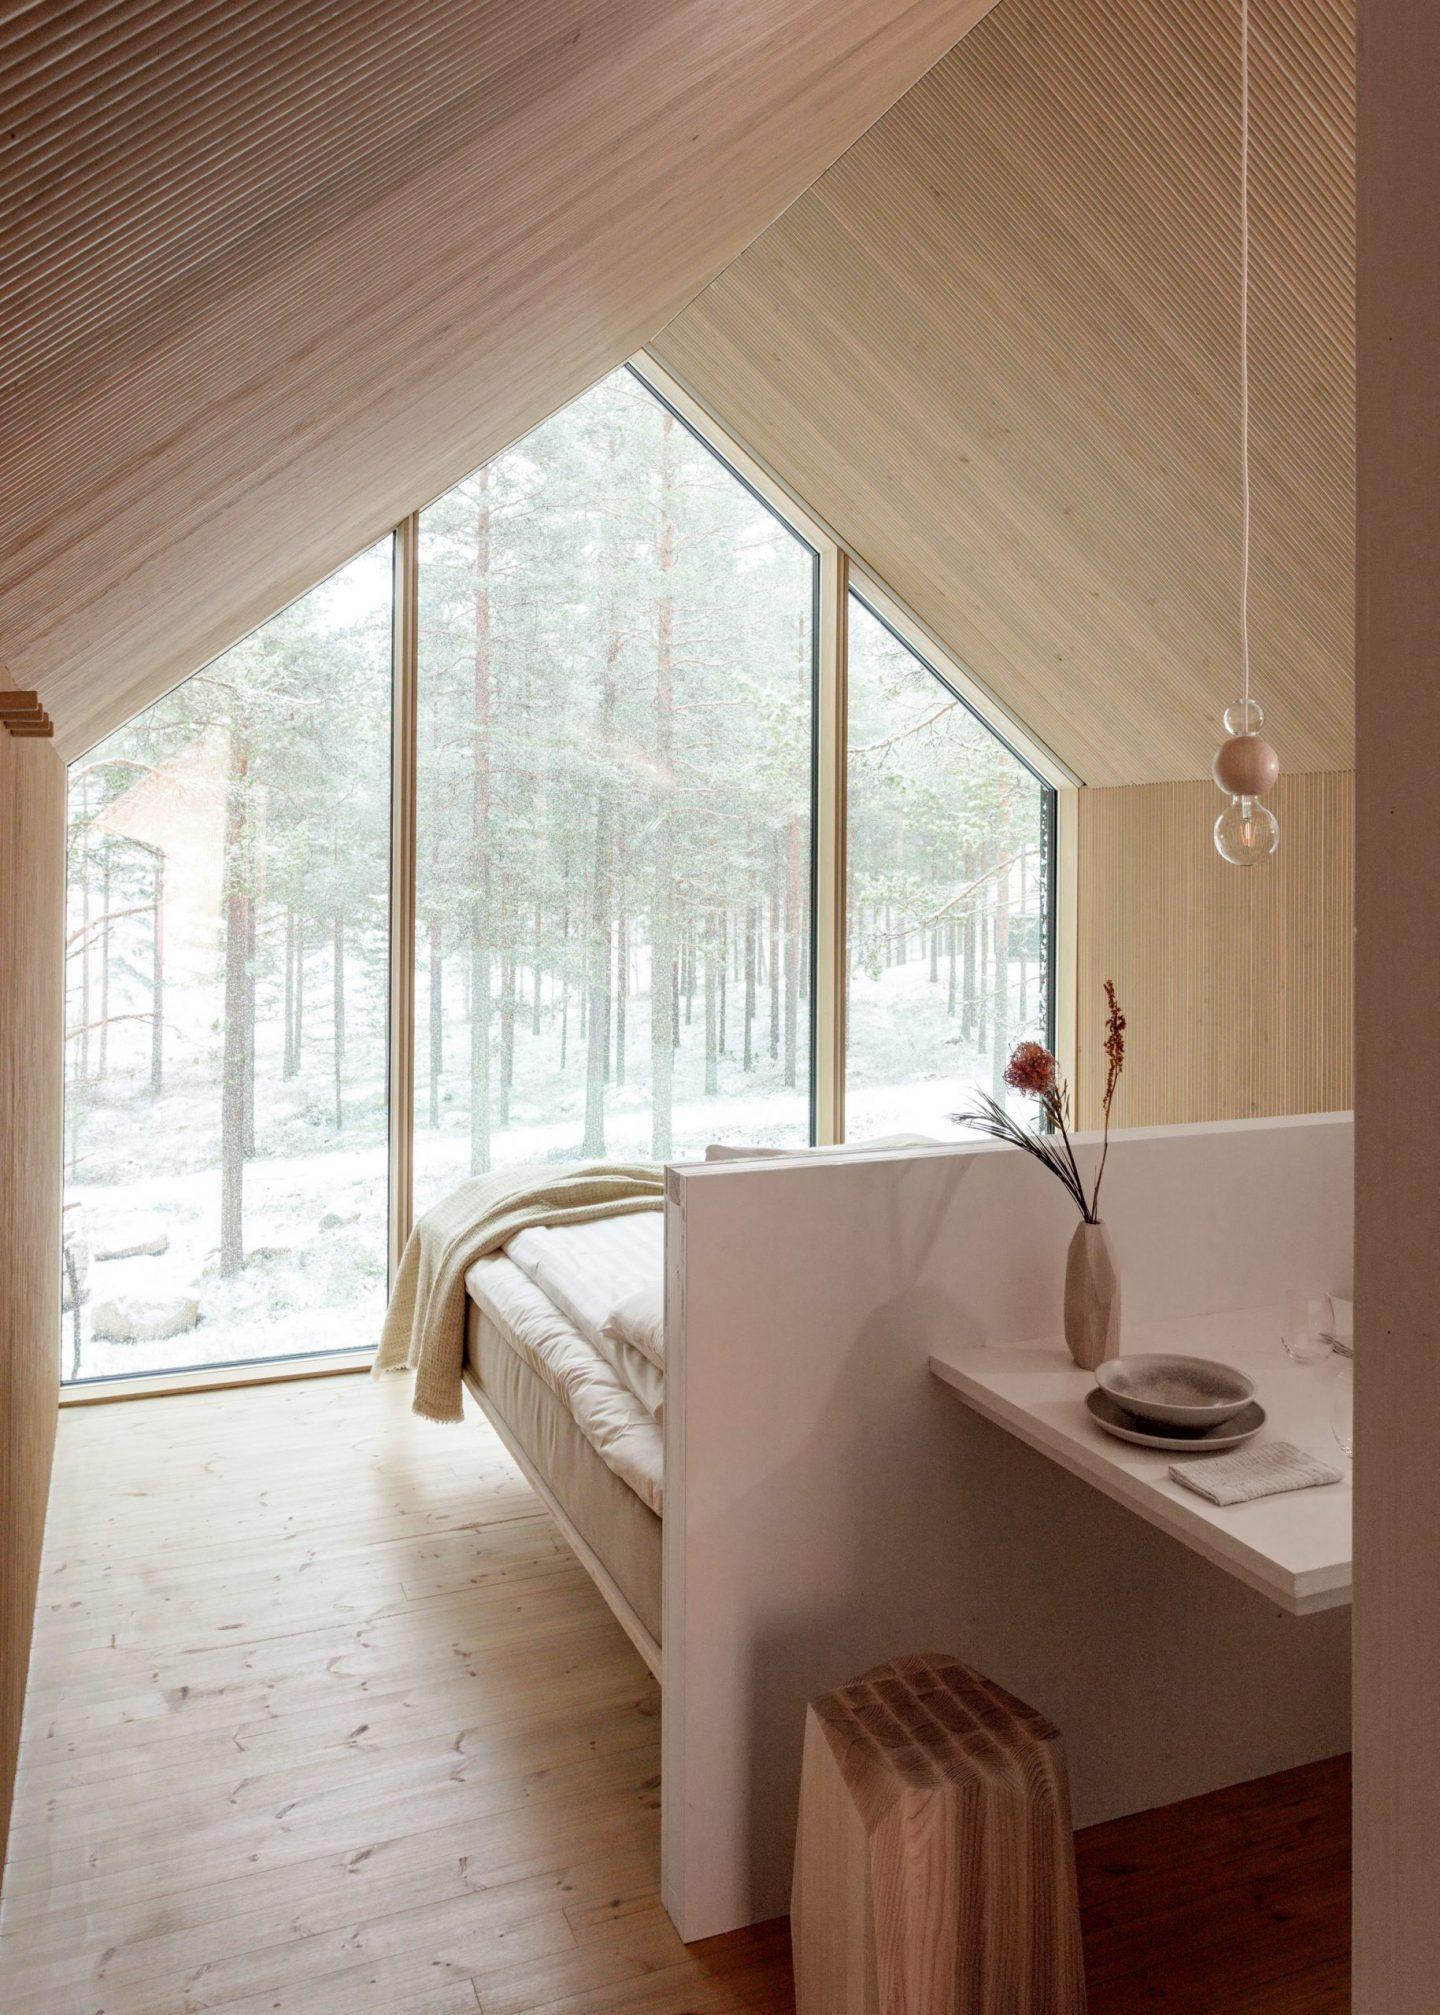 IGNANT-Architecture-Studio-Puisto-Niliaitta-01